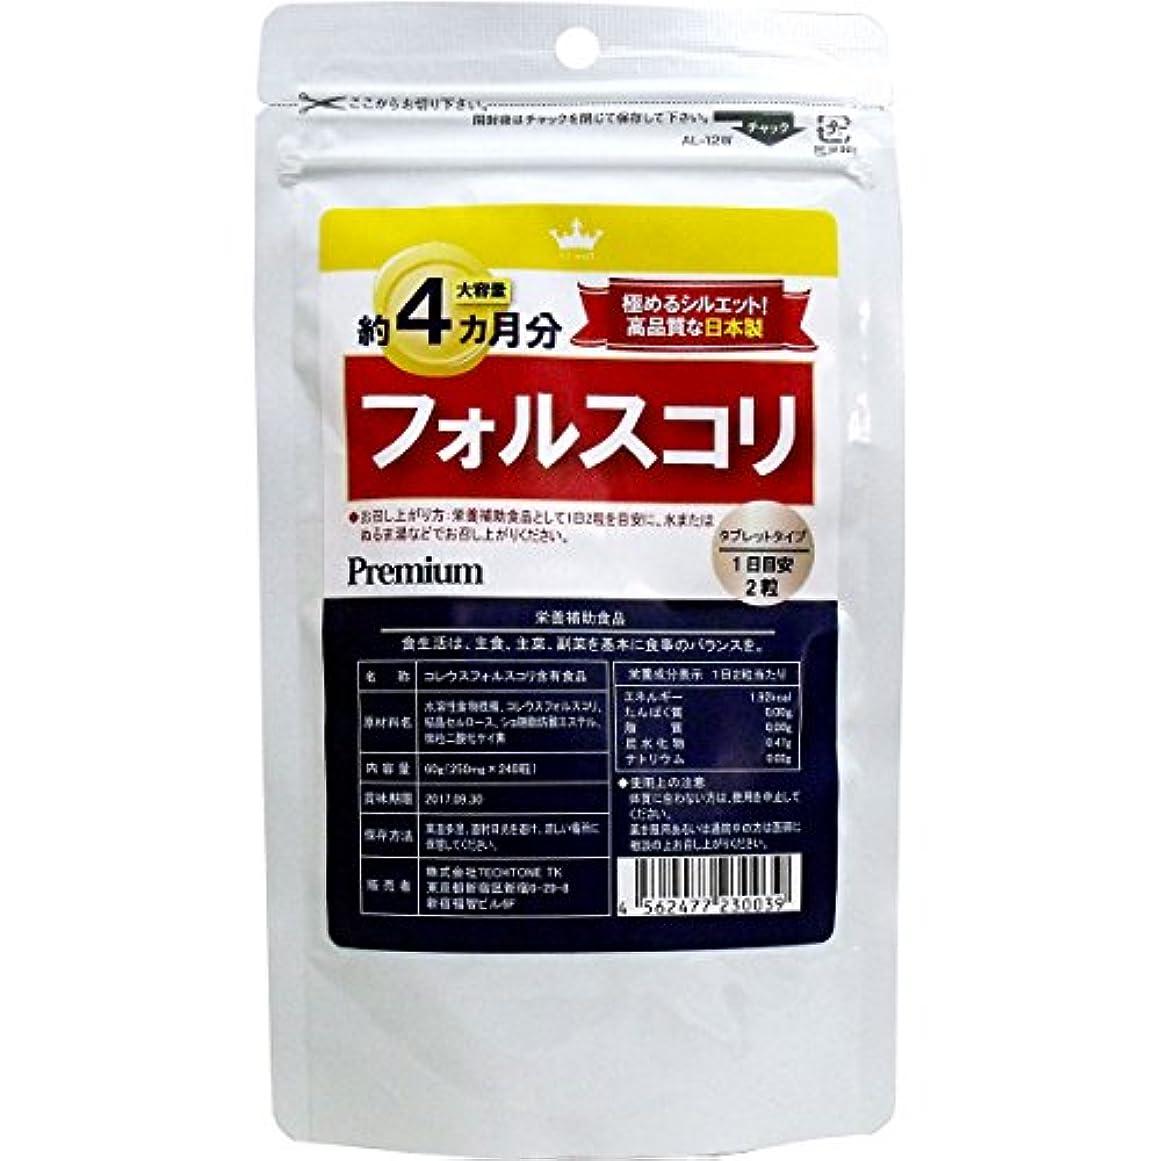 スクリューしみこんにちはサプリメント 高品質な日本製 健康食品 フォルスコリ 約4カ月分 240粒入【4個セット】